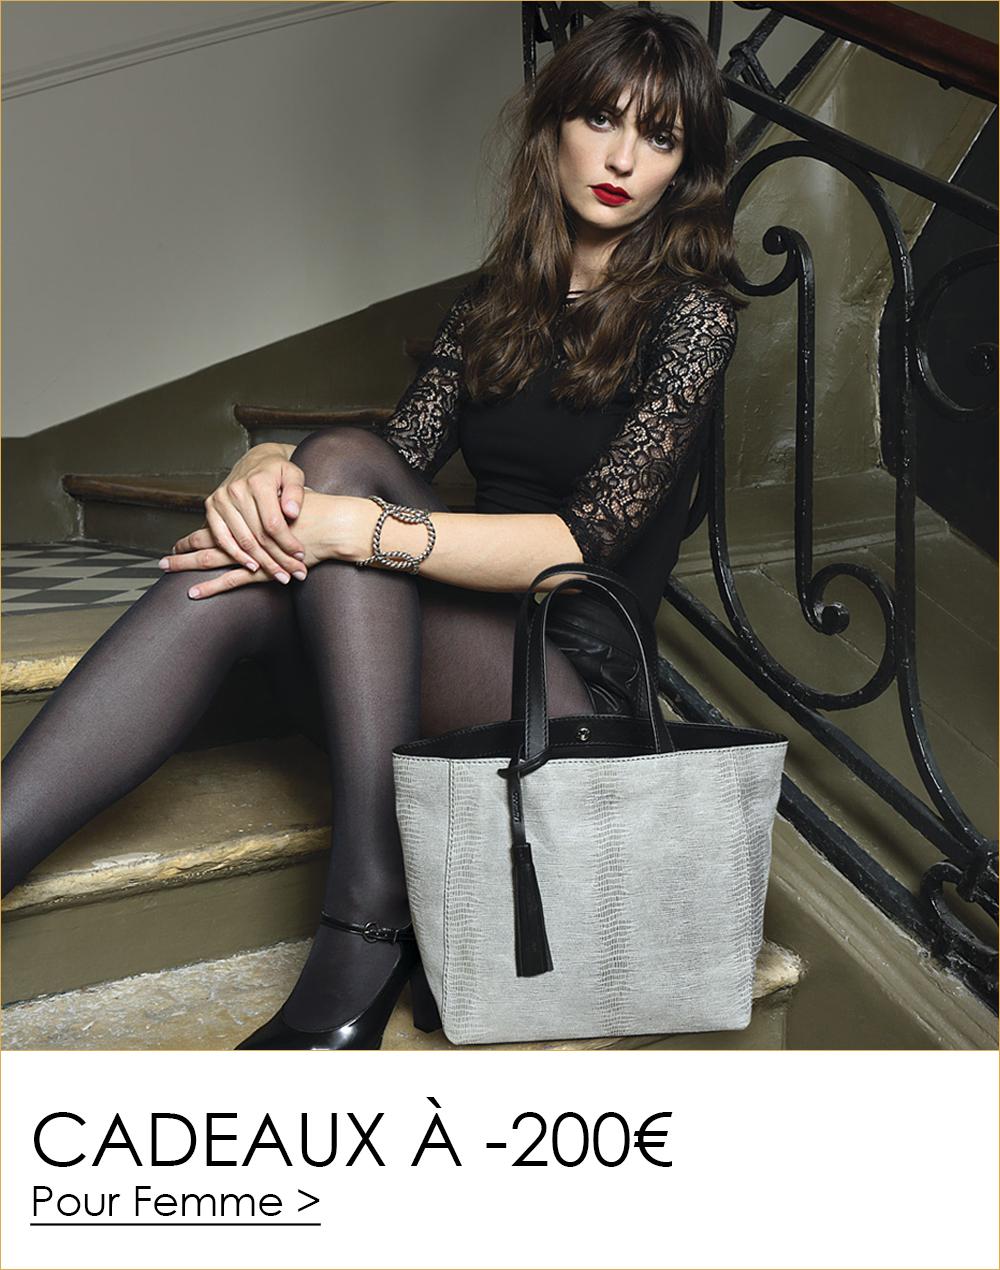 New Femme 200.jpg